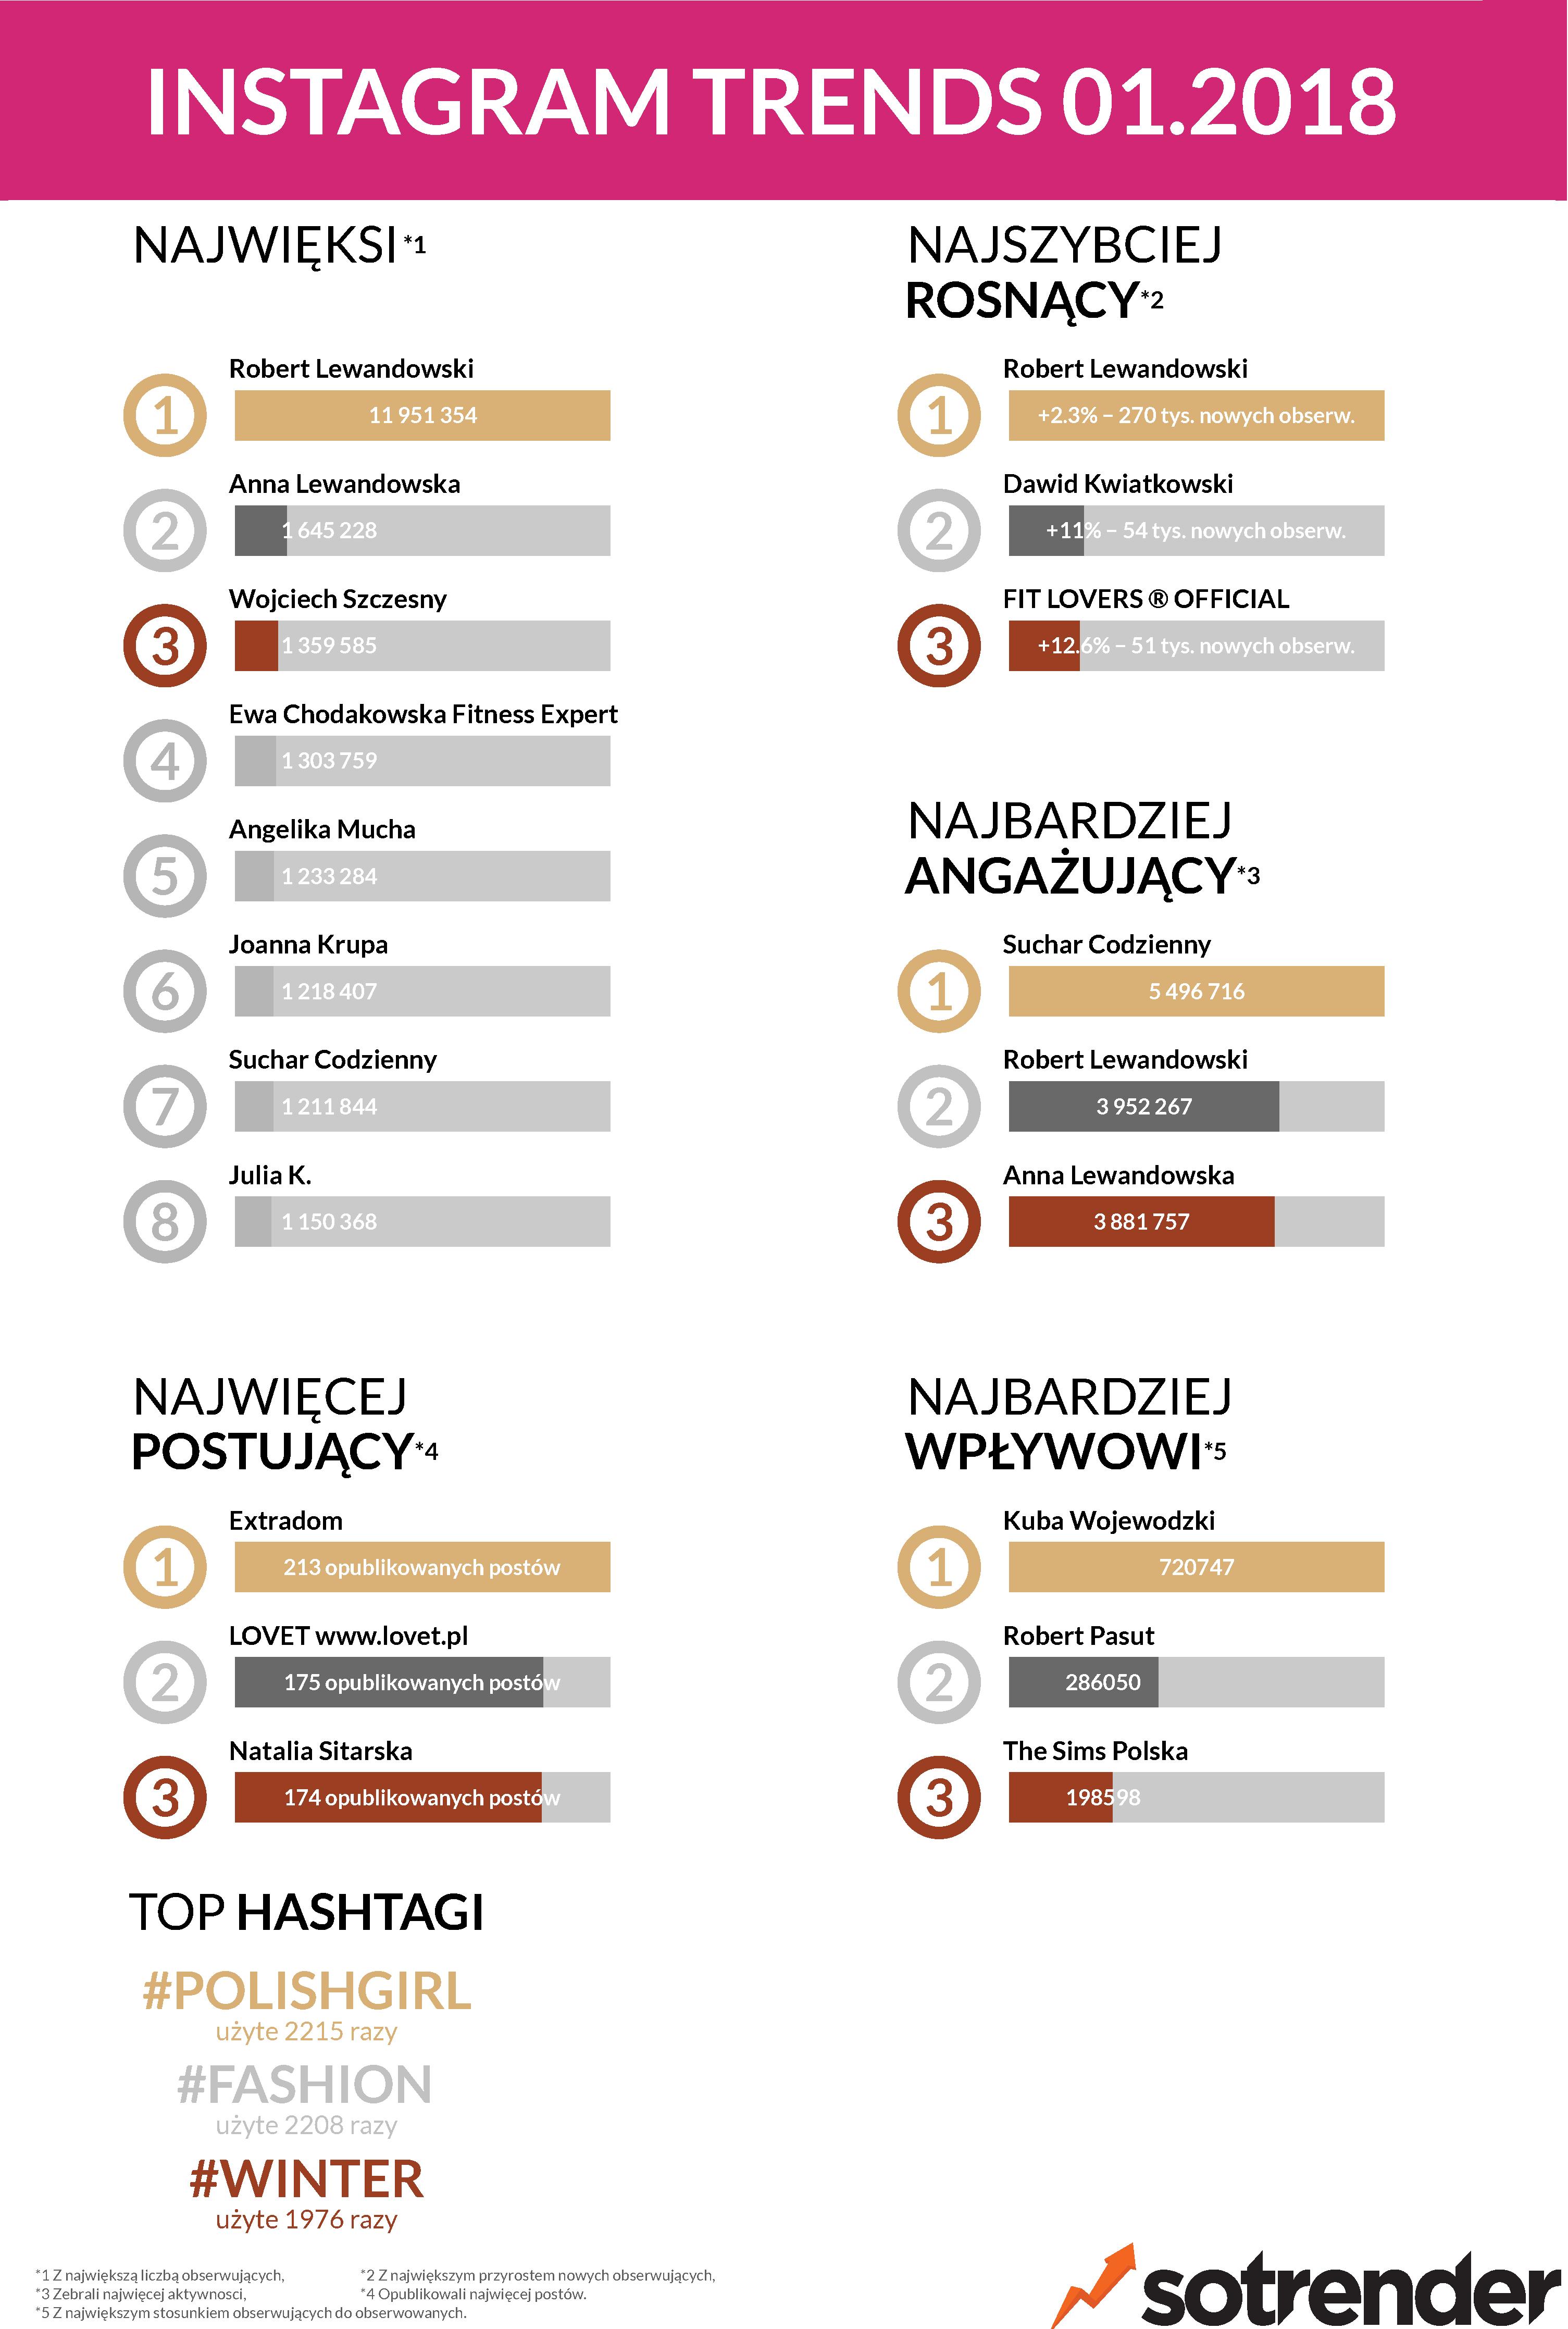 Najpopularniejsze Instagramy w Polsce